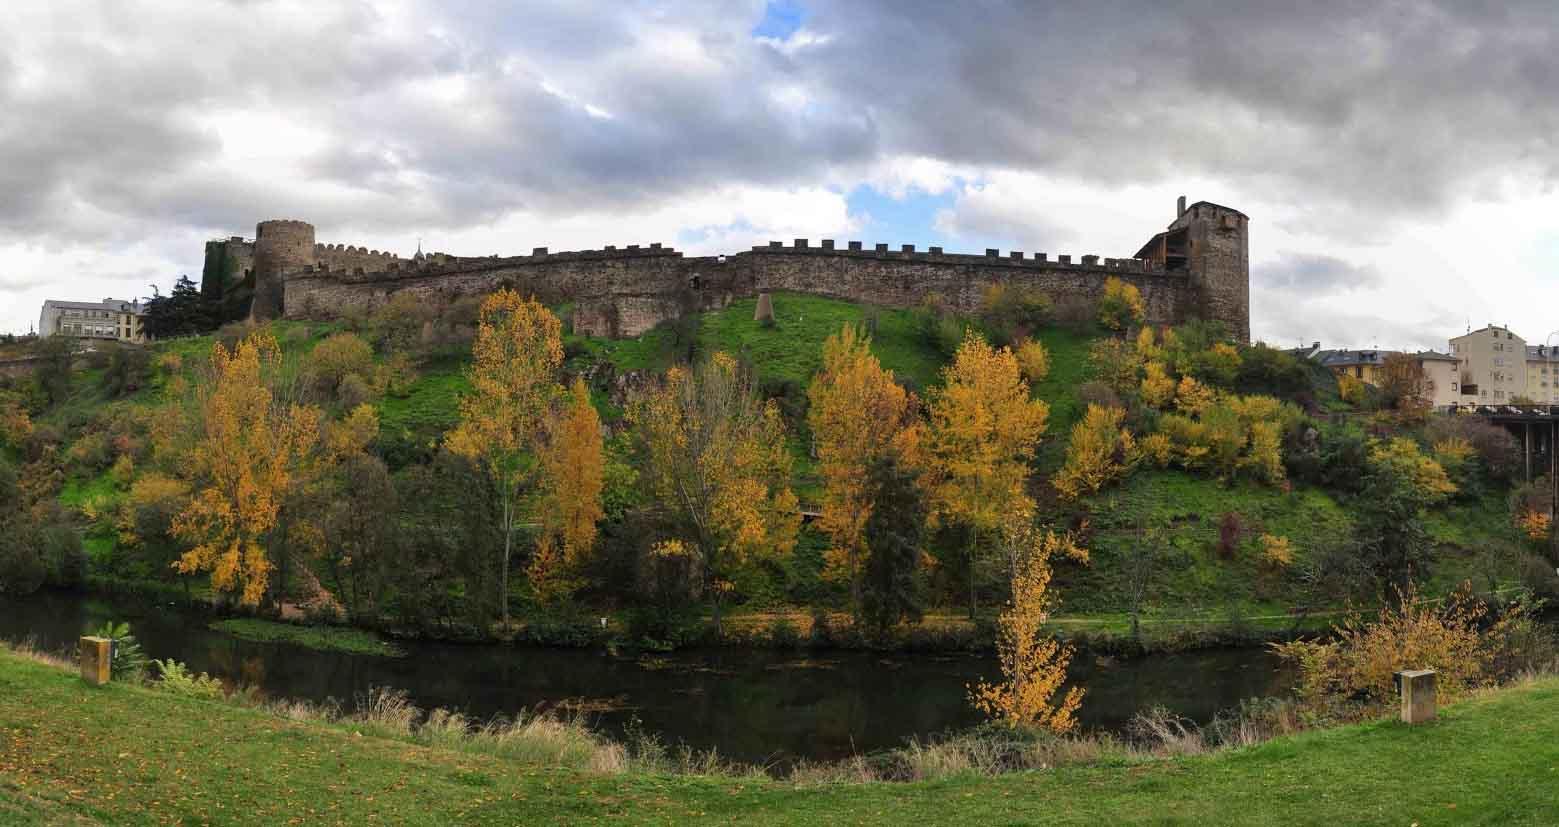 Castillo-de-los-Templarios-Ponferrada-5